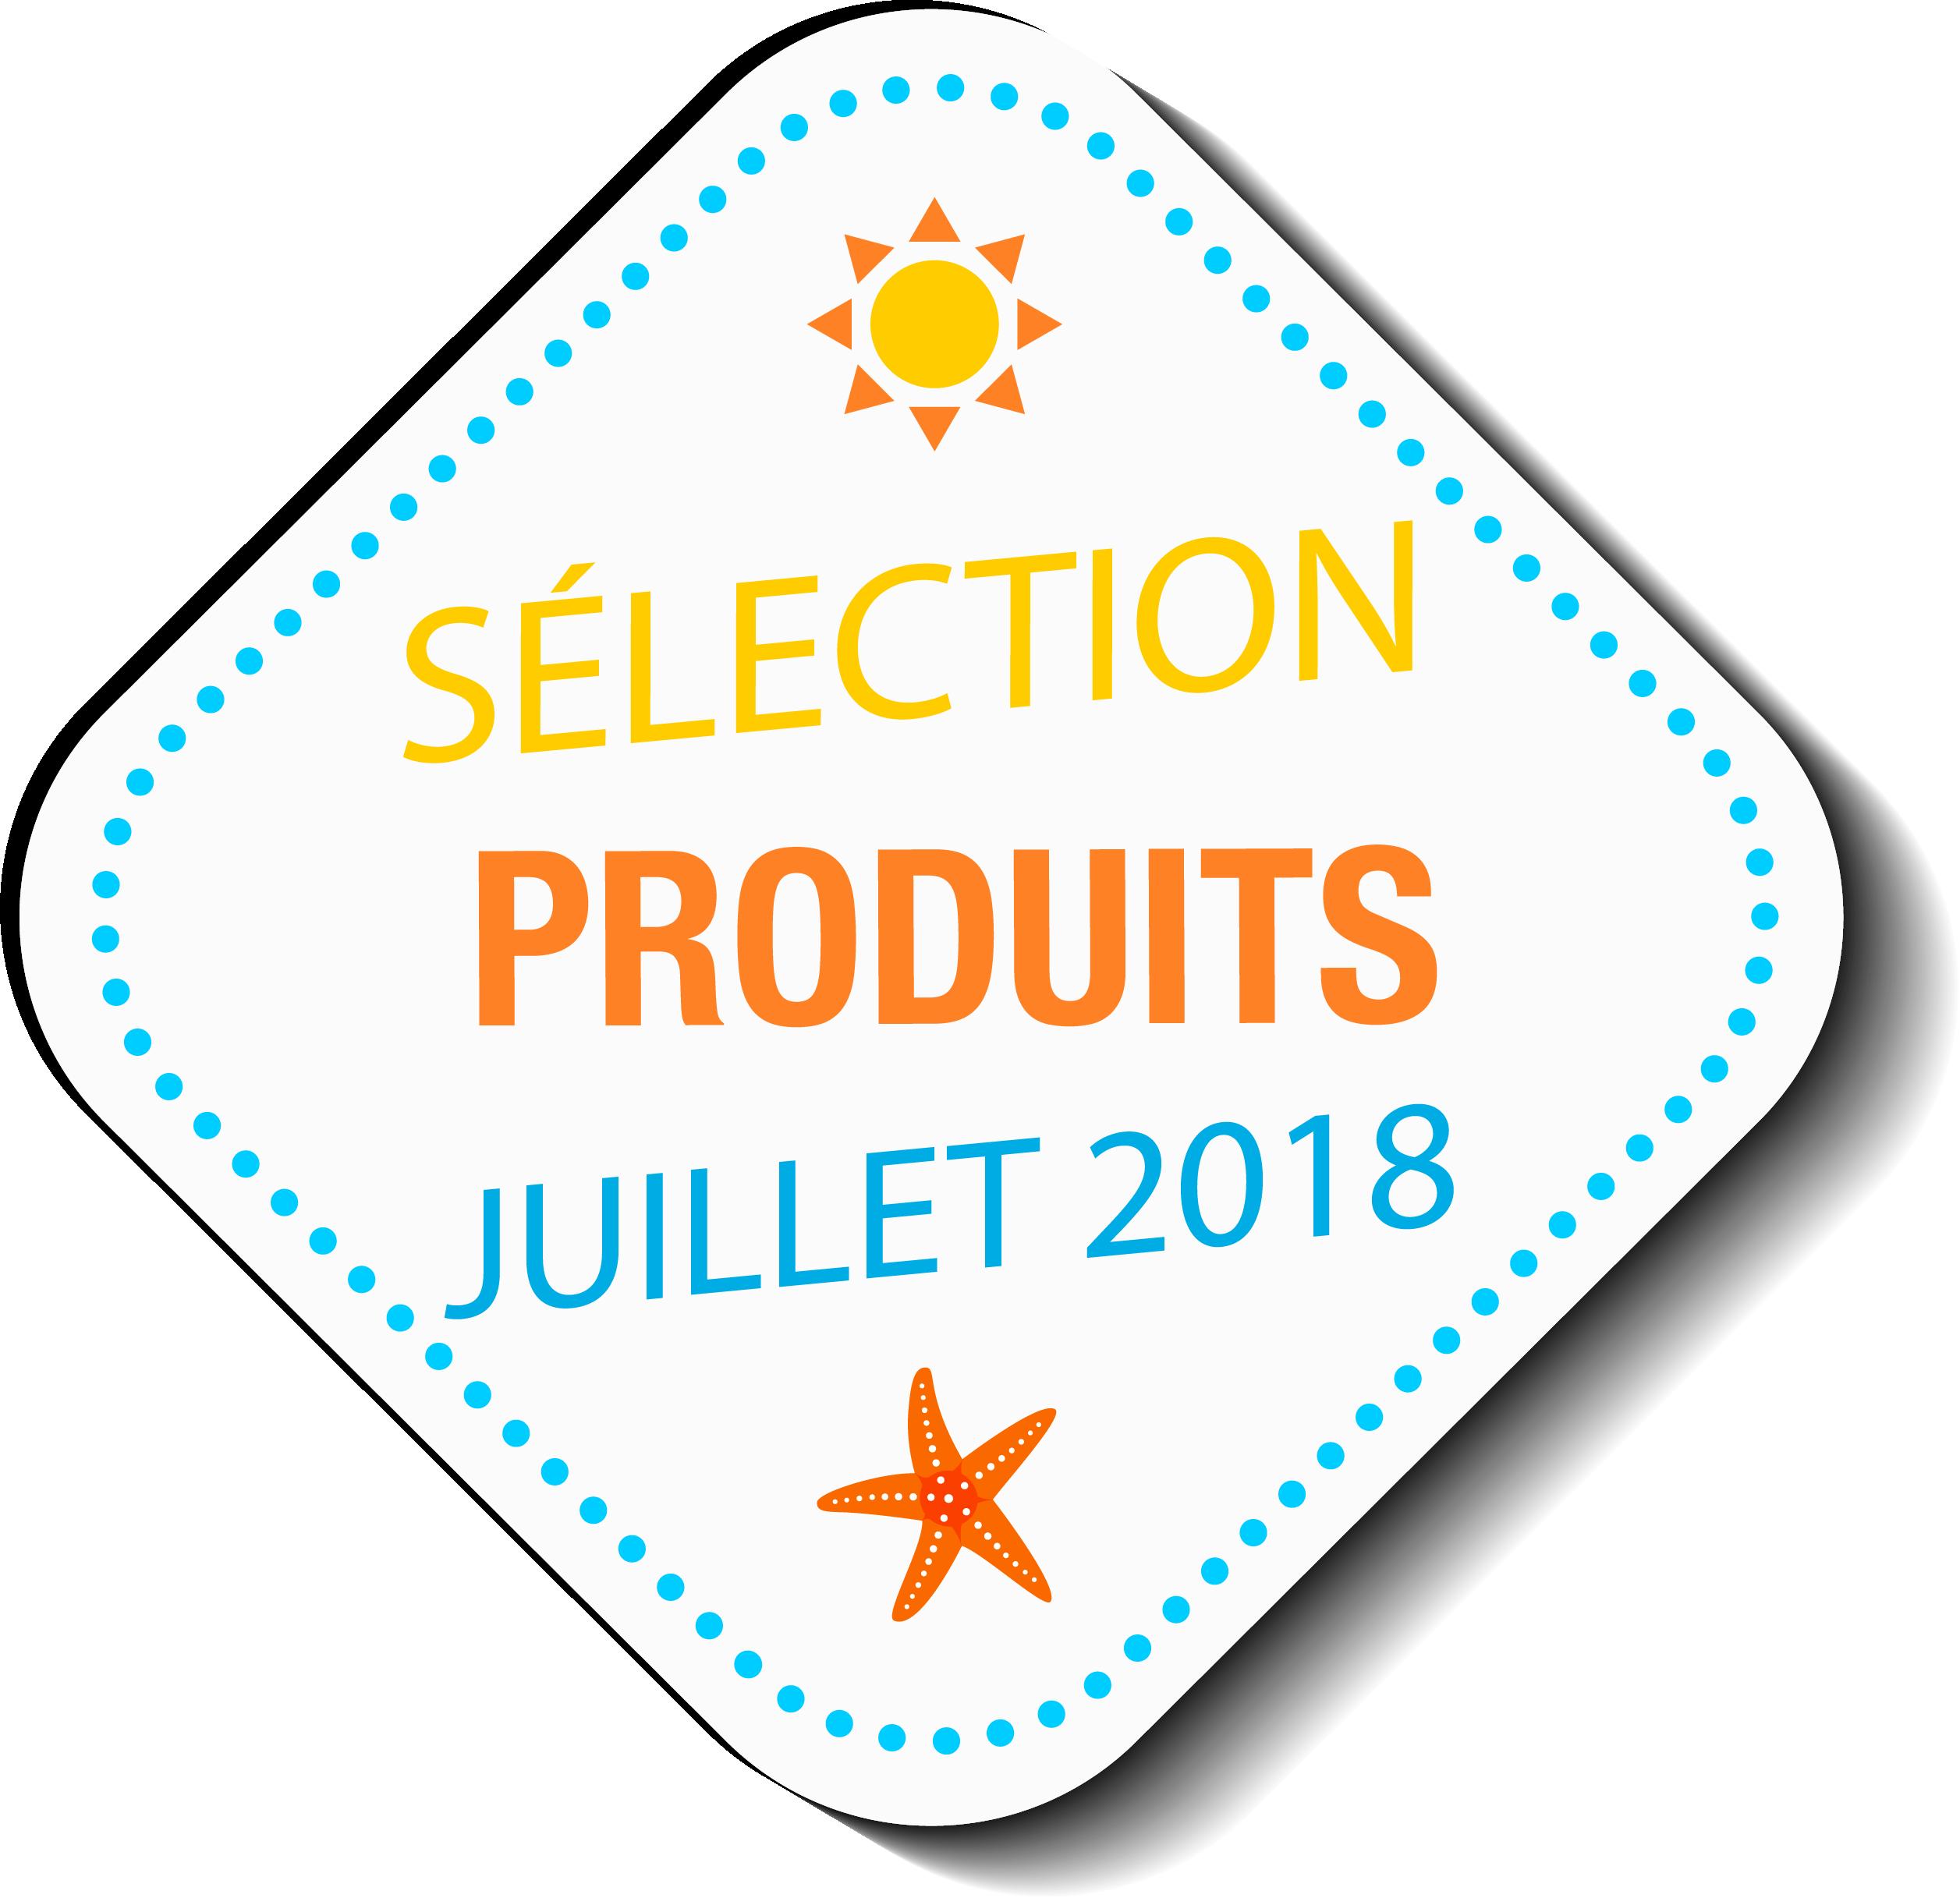 visuel sélection produits juillet 2018